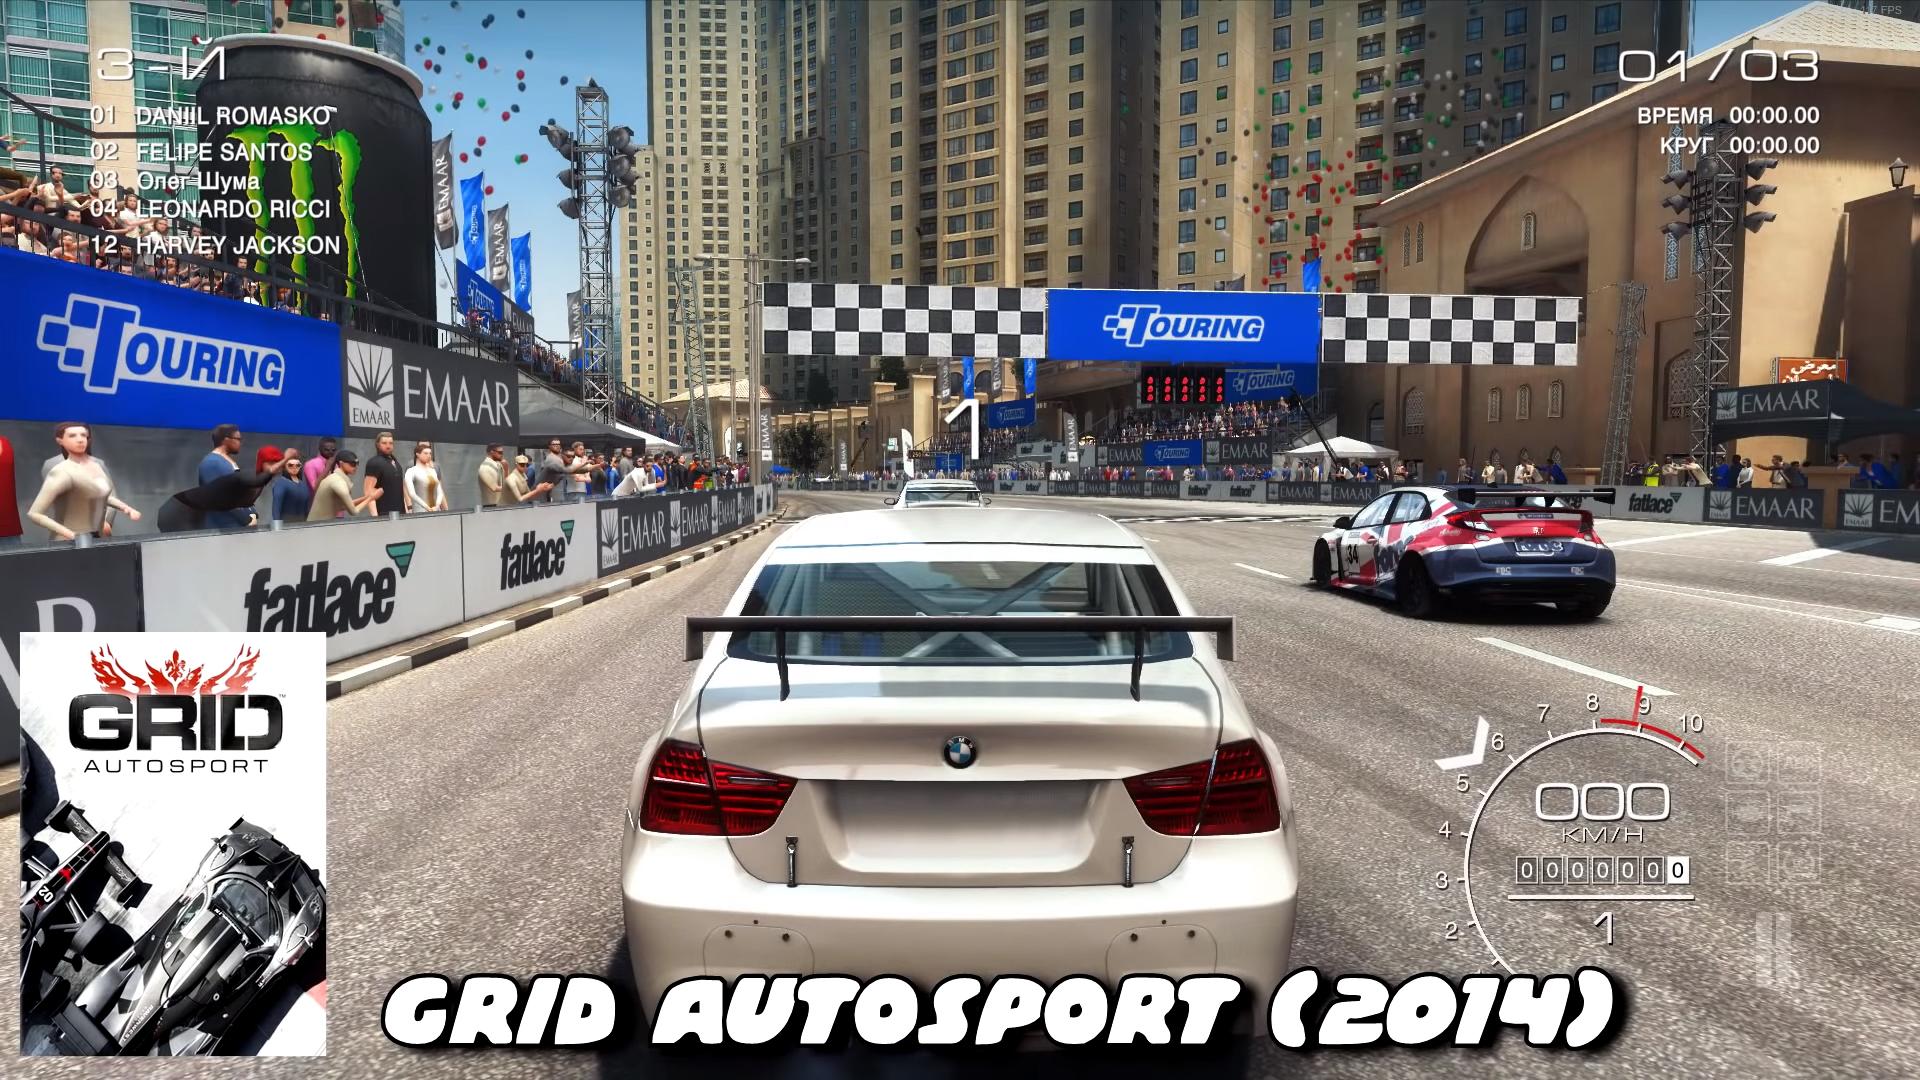 Гонки для слабых ПК - GRID Autosport